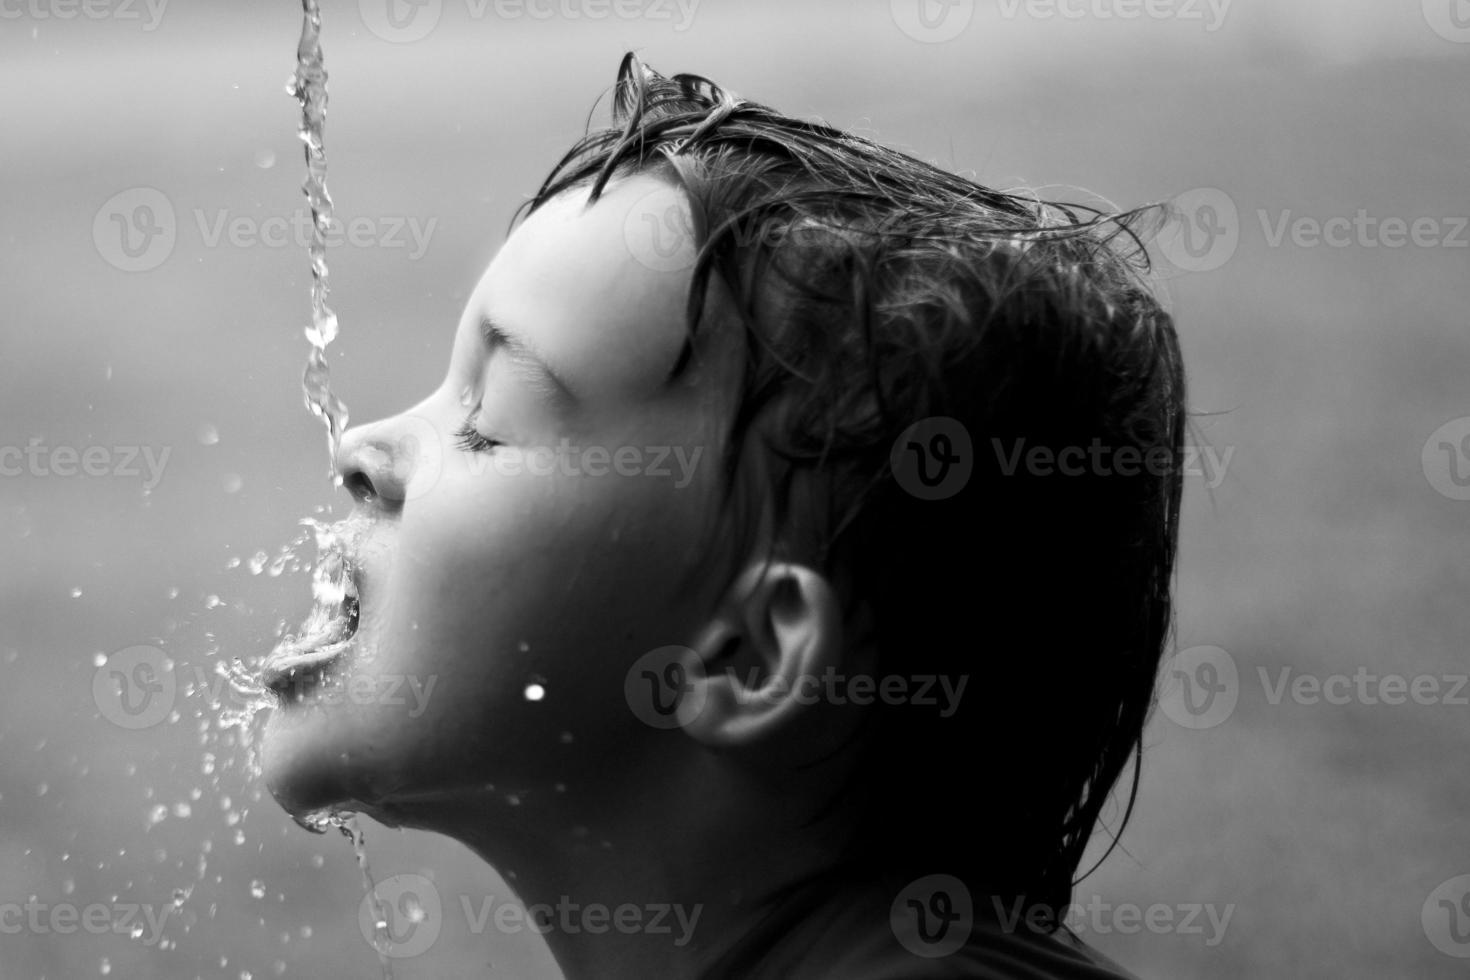 druppels water spatten op het gezicht van de jongen foto